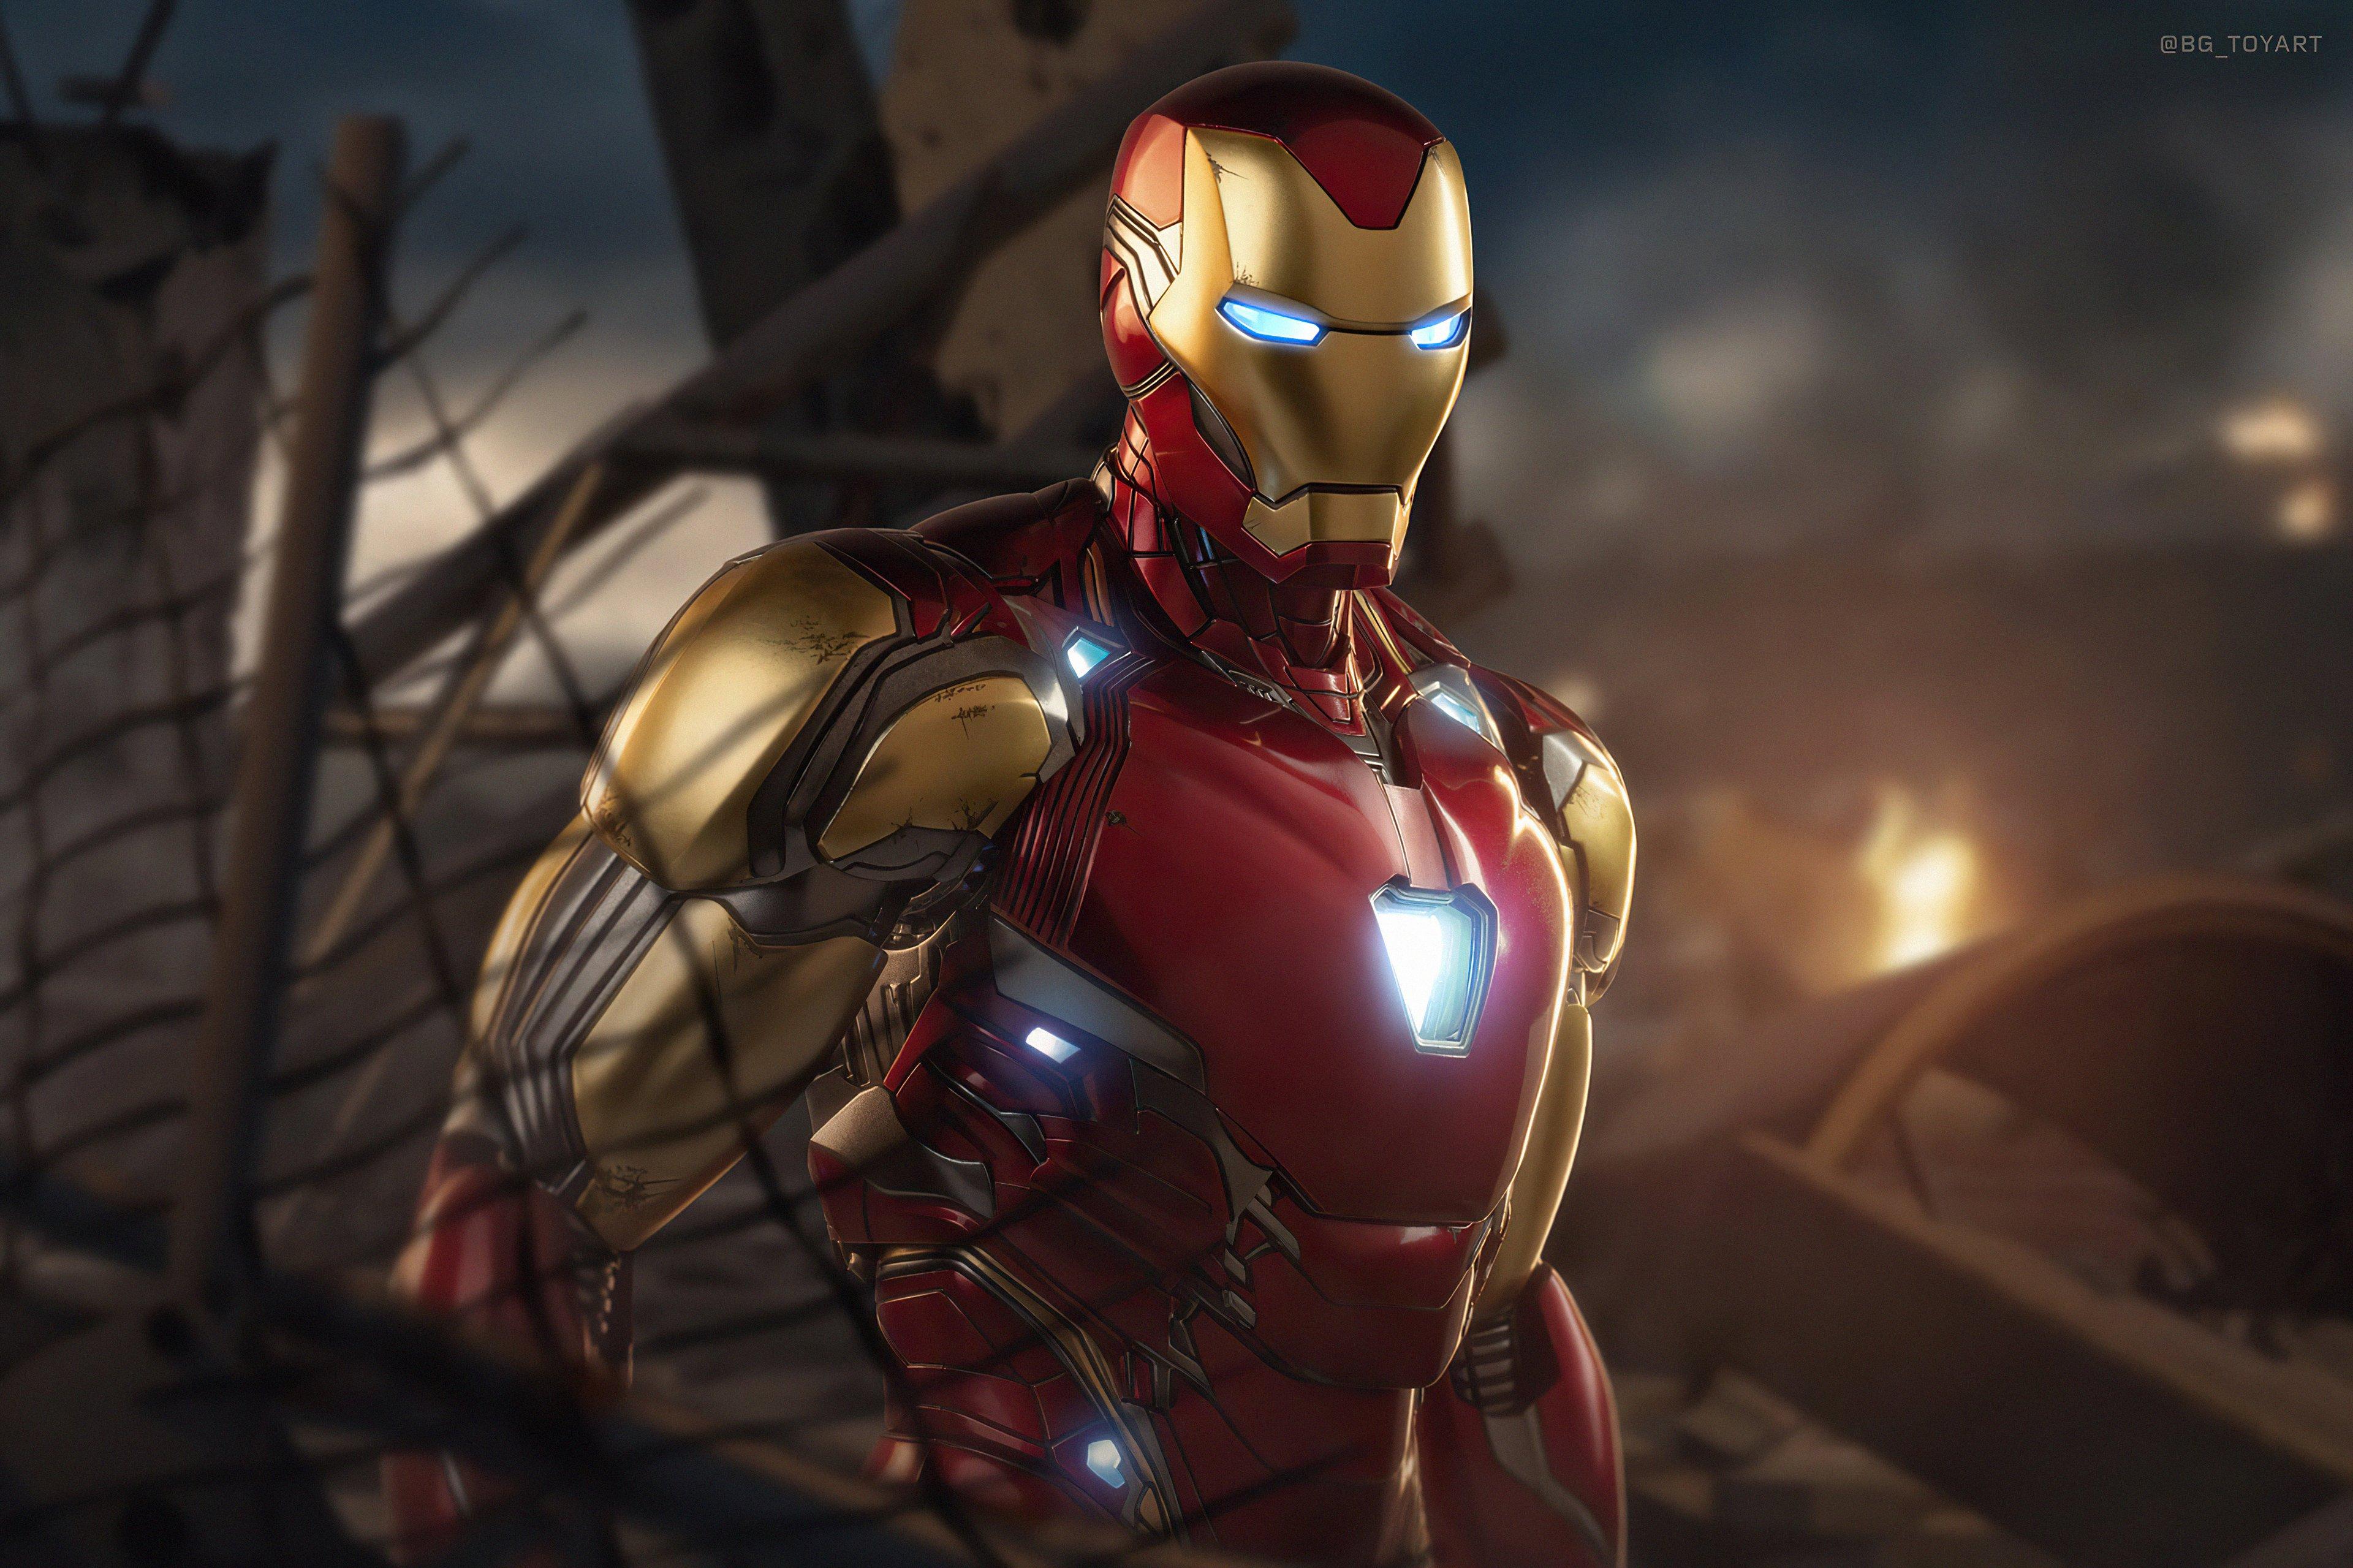 Wallpaper Iron Man Avengers 4